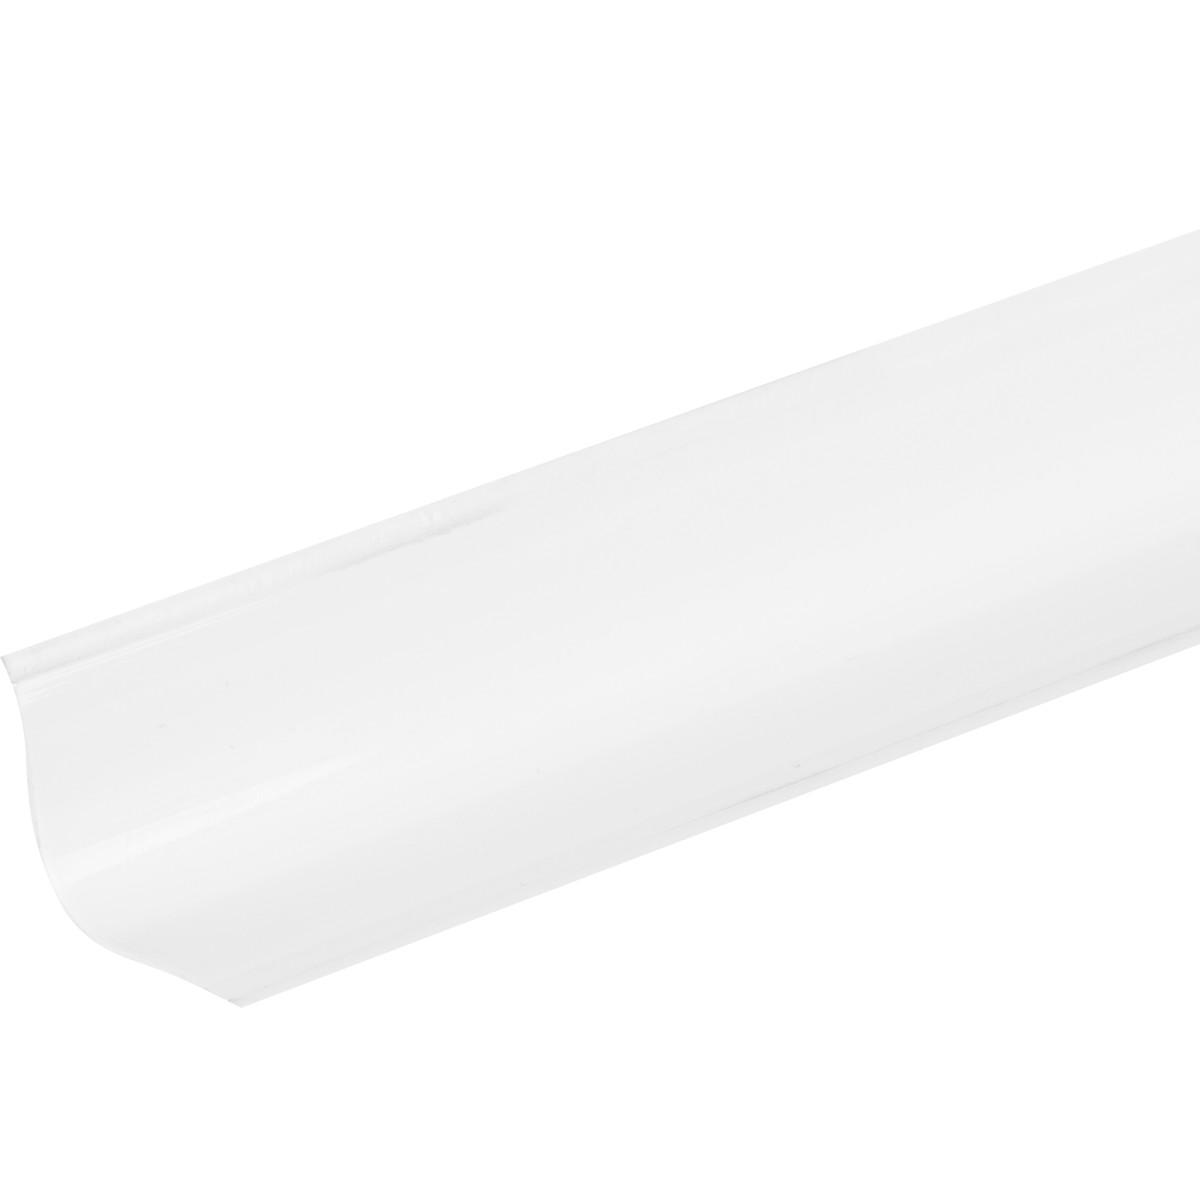 Бордюр на ванну 2 м цвет белый глянец